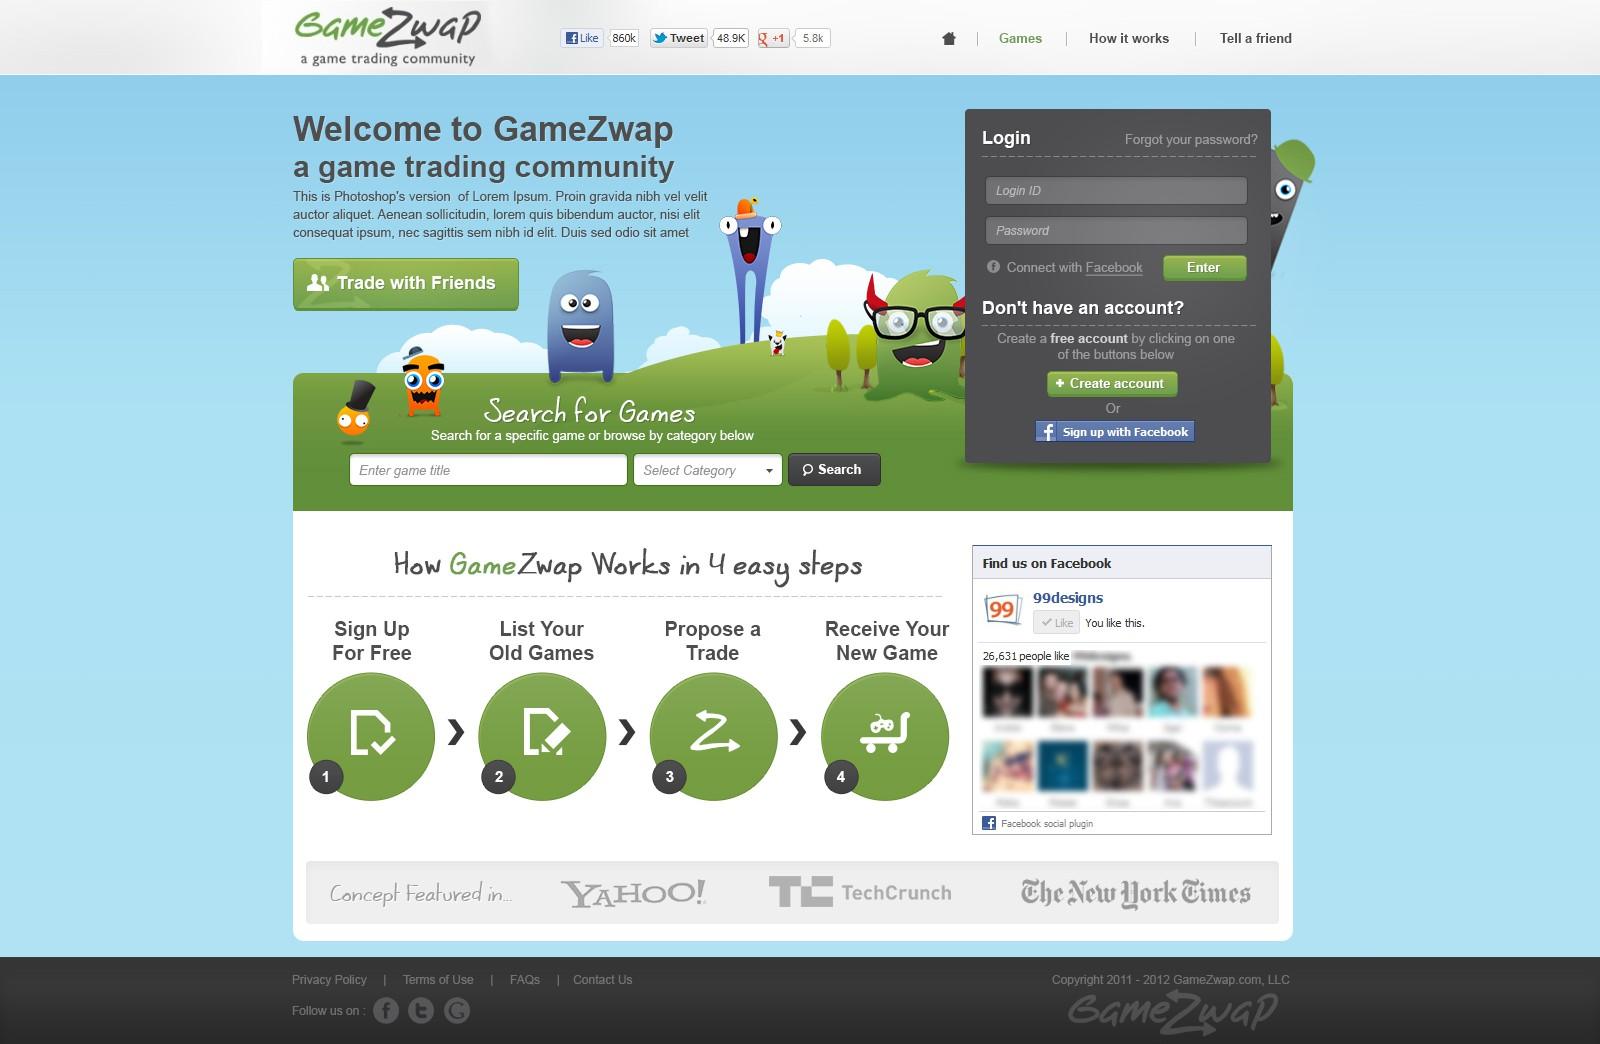 GameZwap LLC needs a new website design